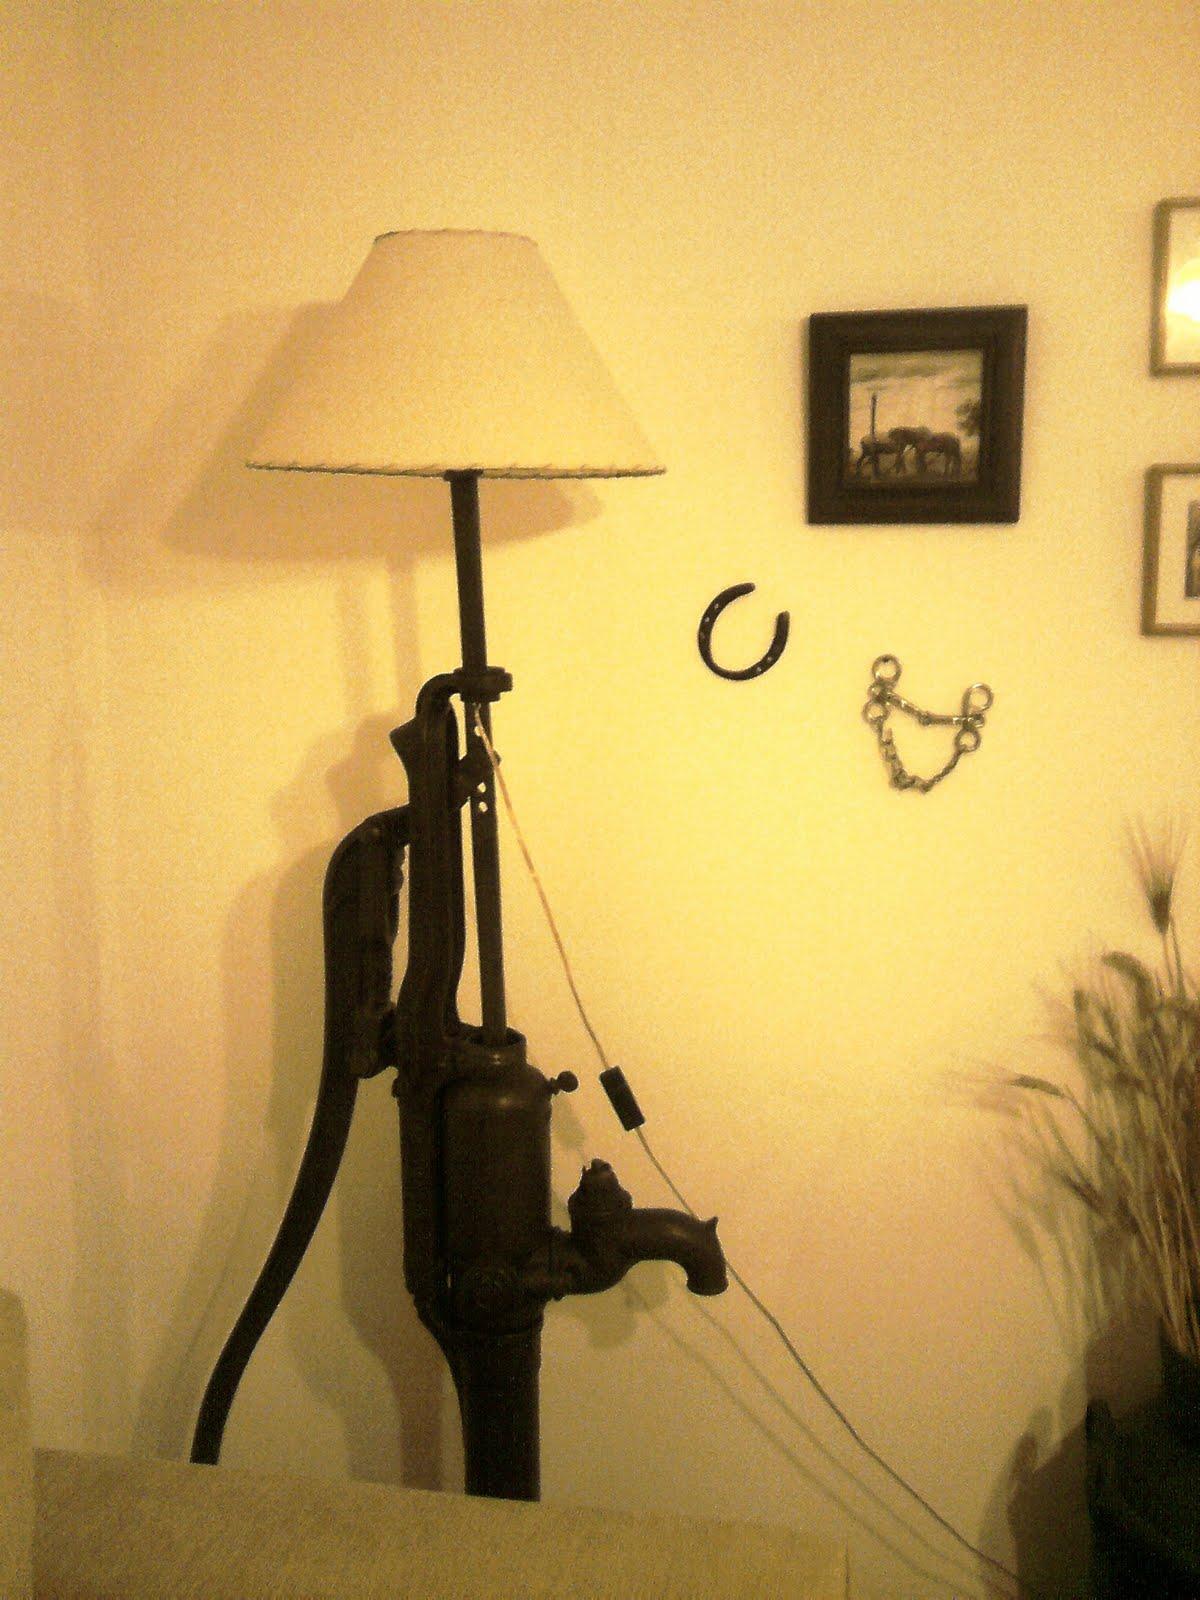 Espejos y lamparas l mpara de pie artesanal - Lamparas de pie artesanales ...